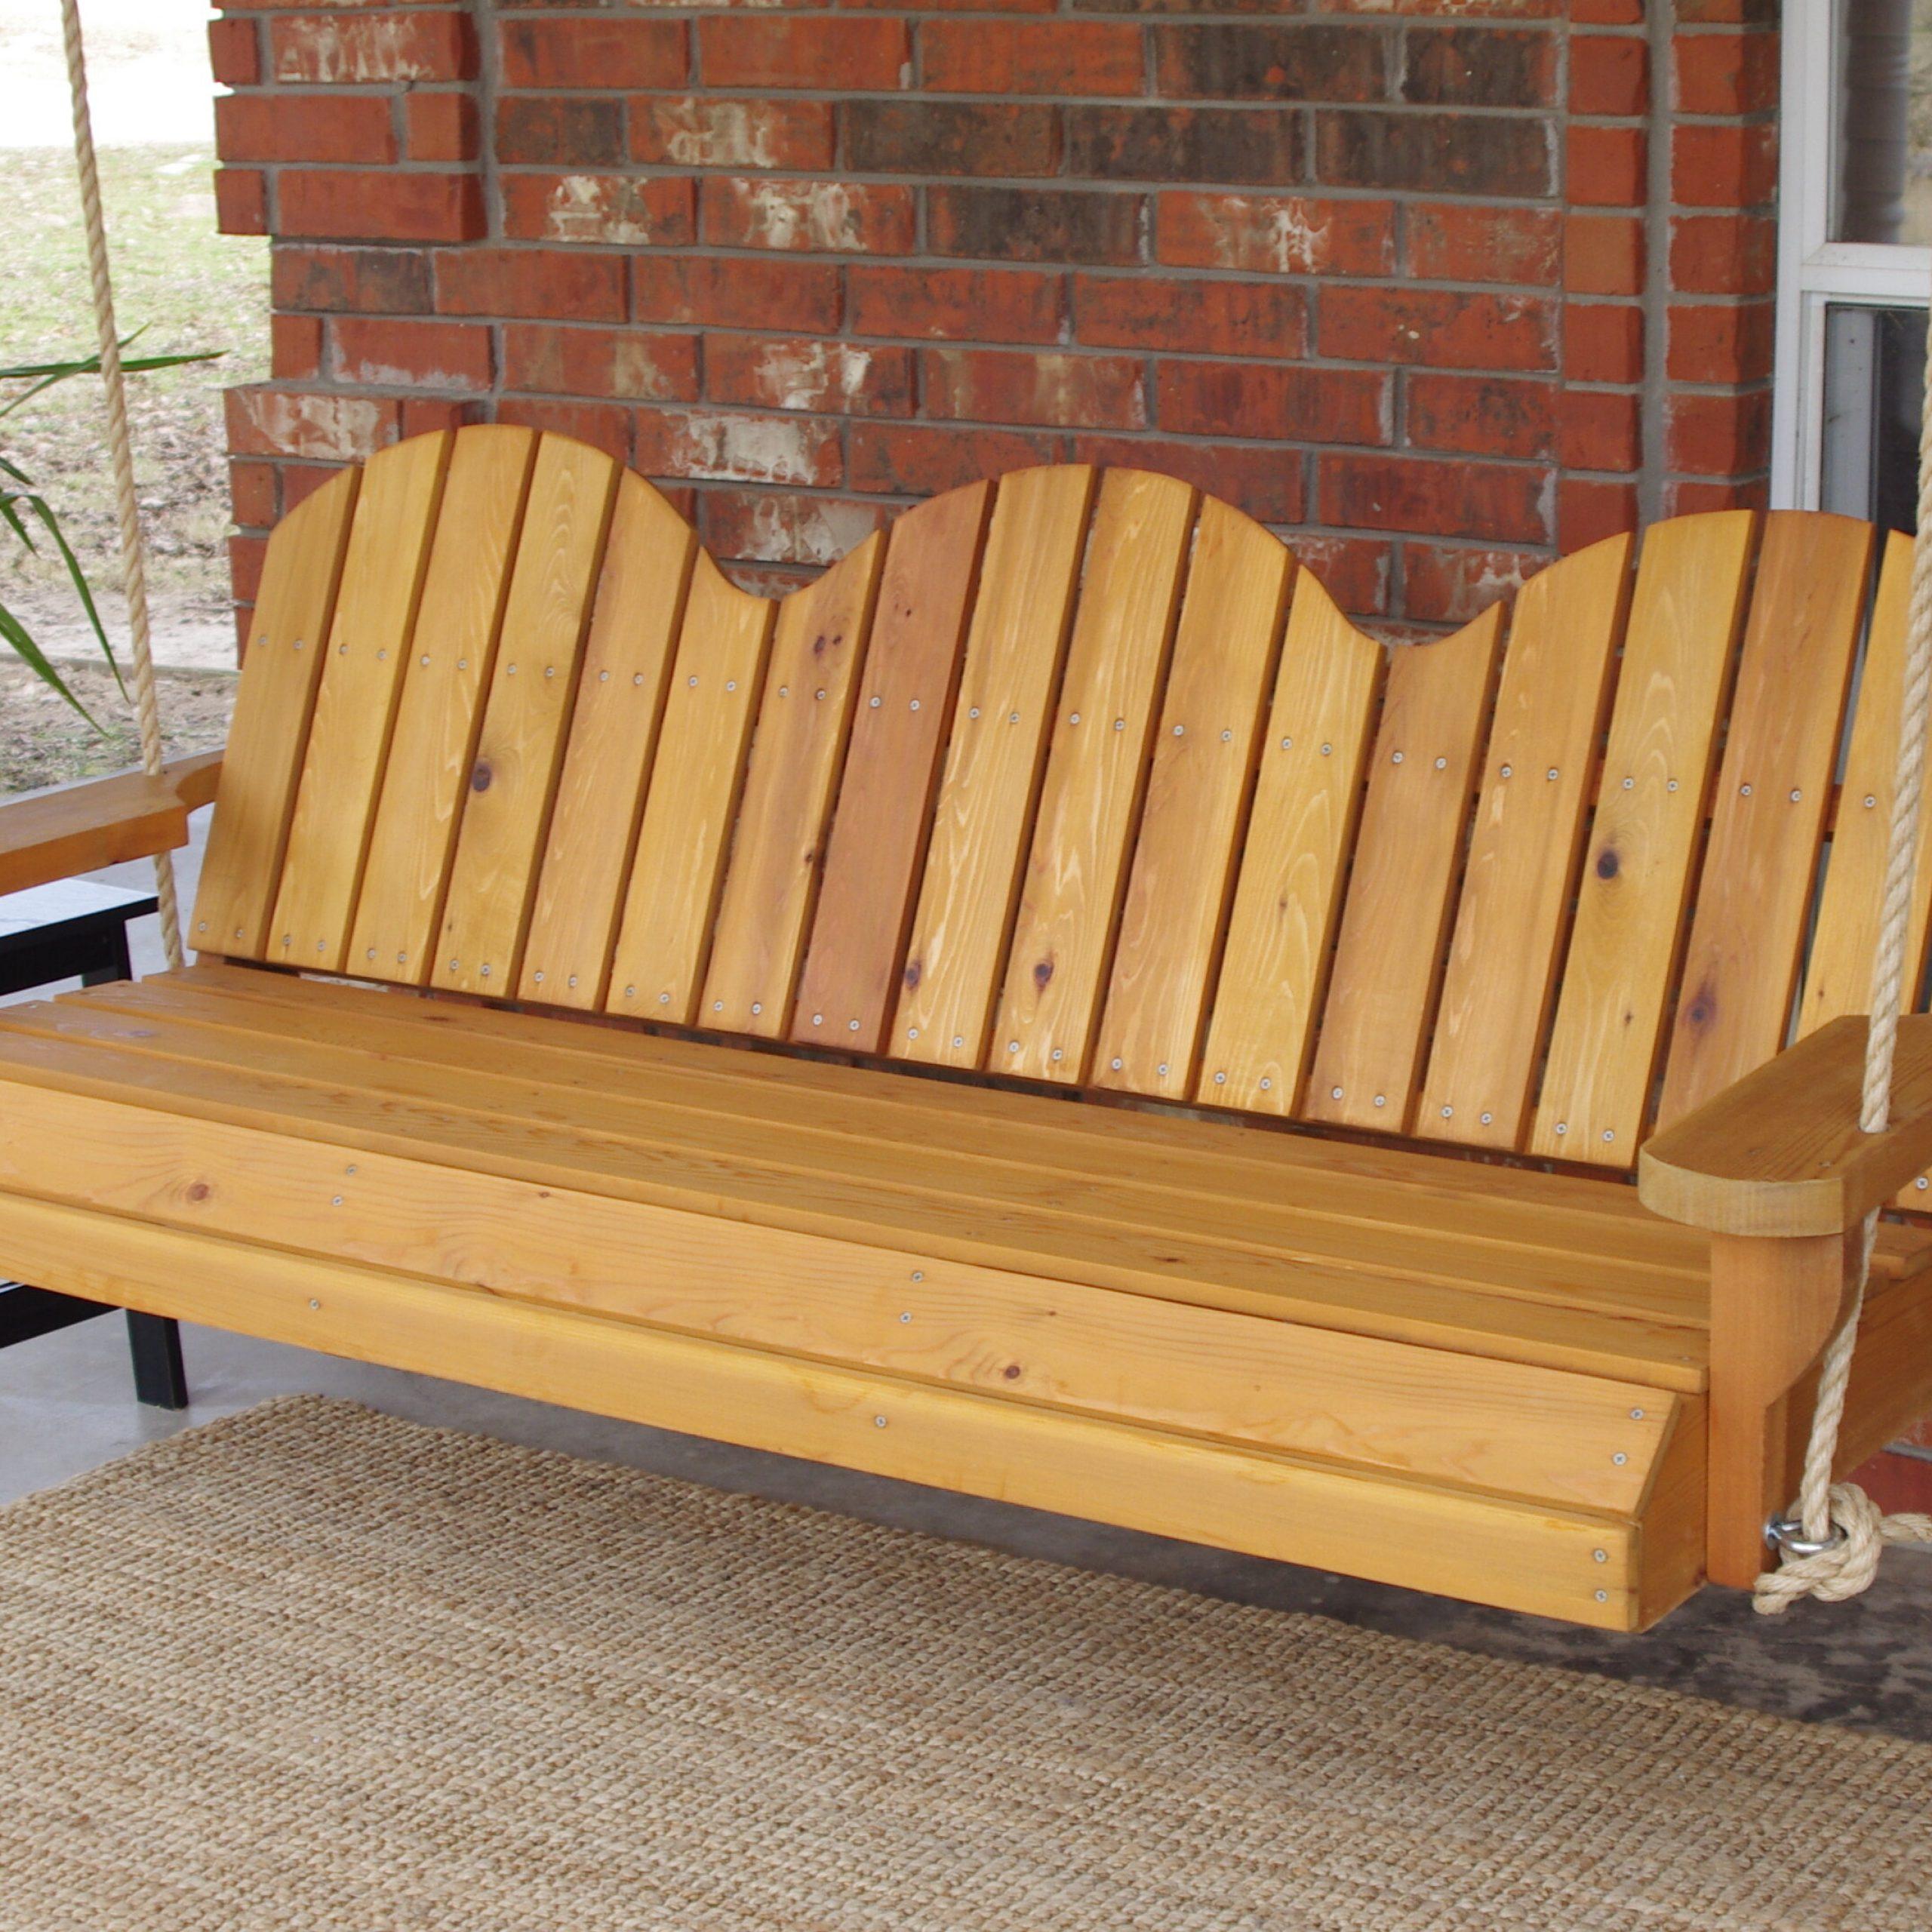 Loon Peak Browder Porch Swing | Wayfair For 5 Ft Cedar Swings With Springs (View 25 of 25)